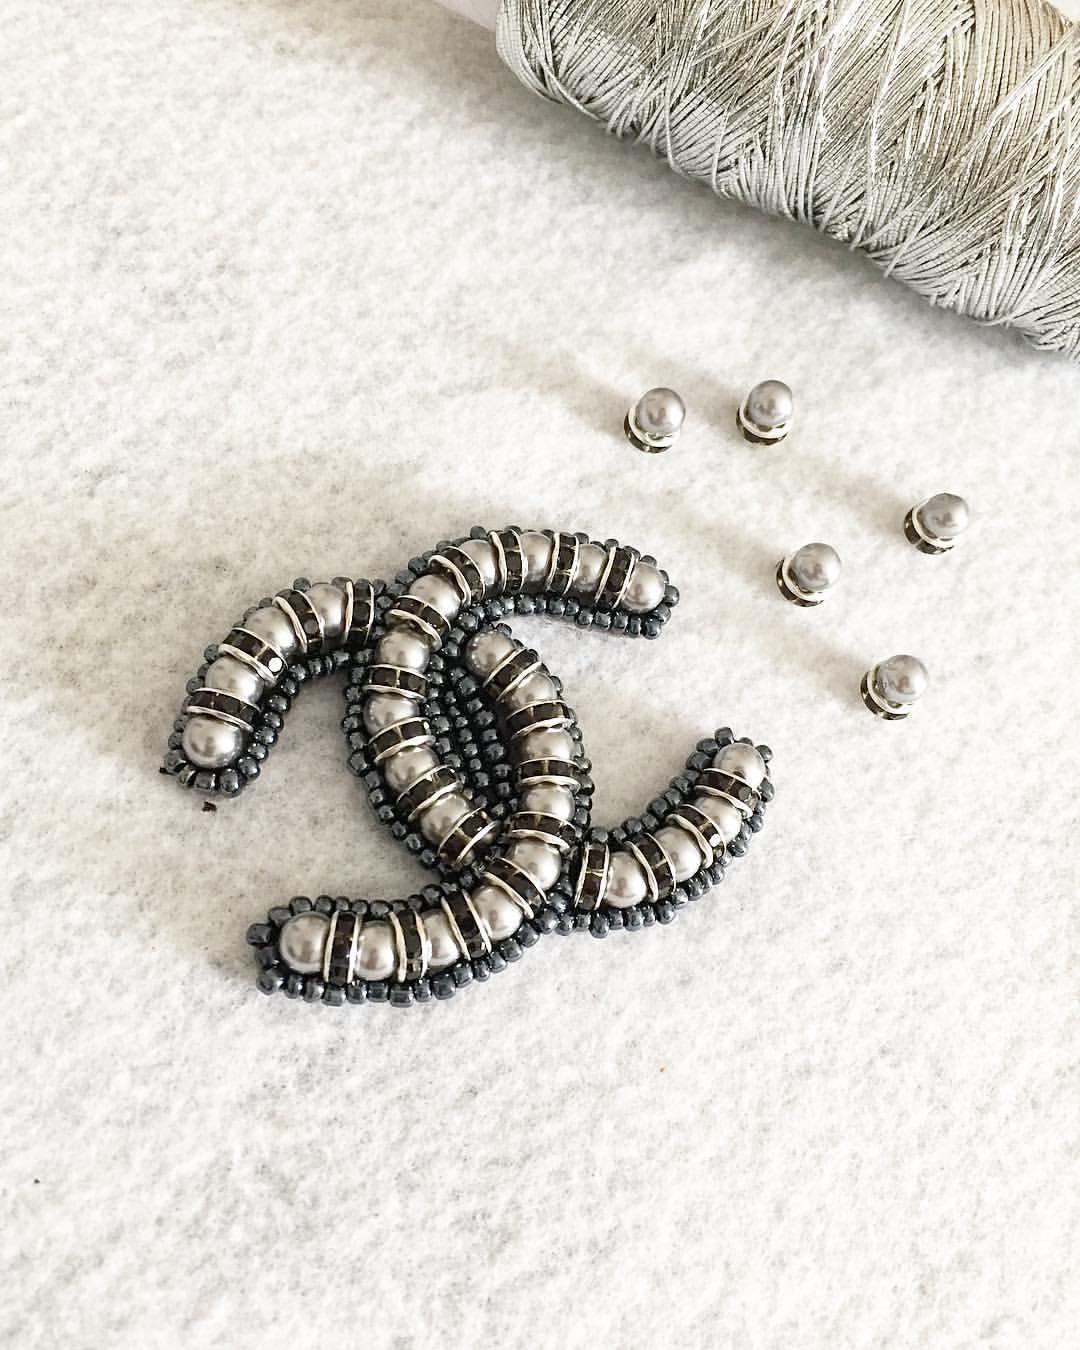 Chanel logo handmade brooch🖤 handmade chanel brooch